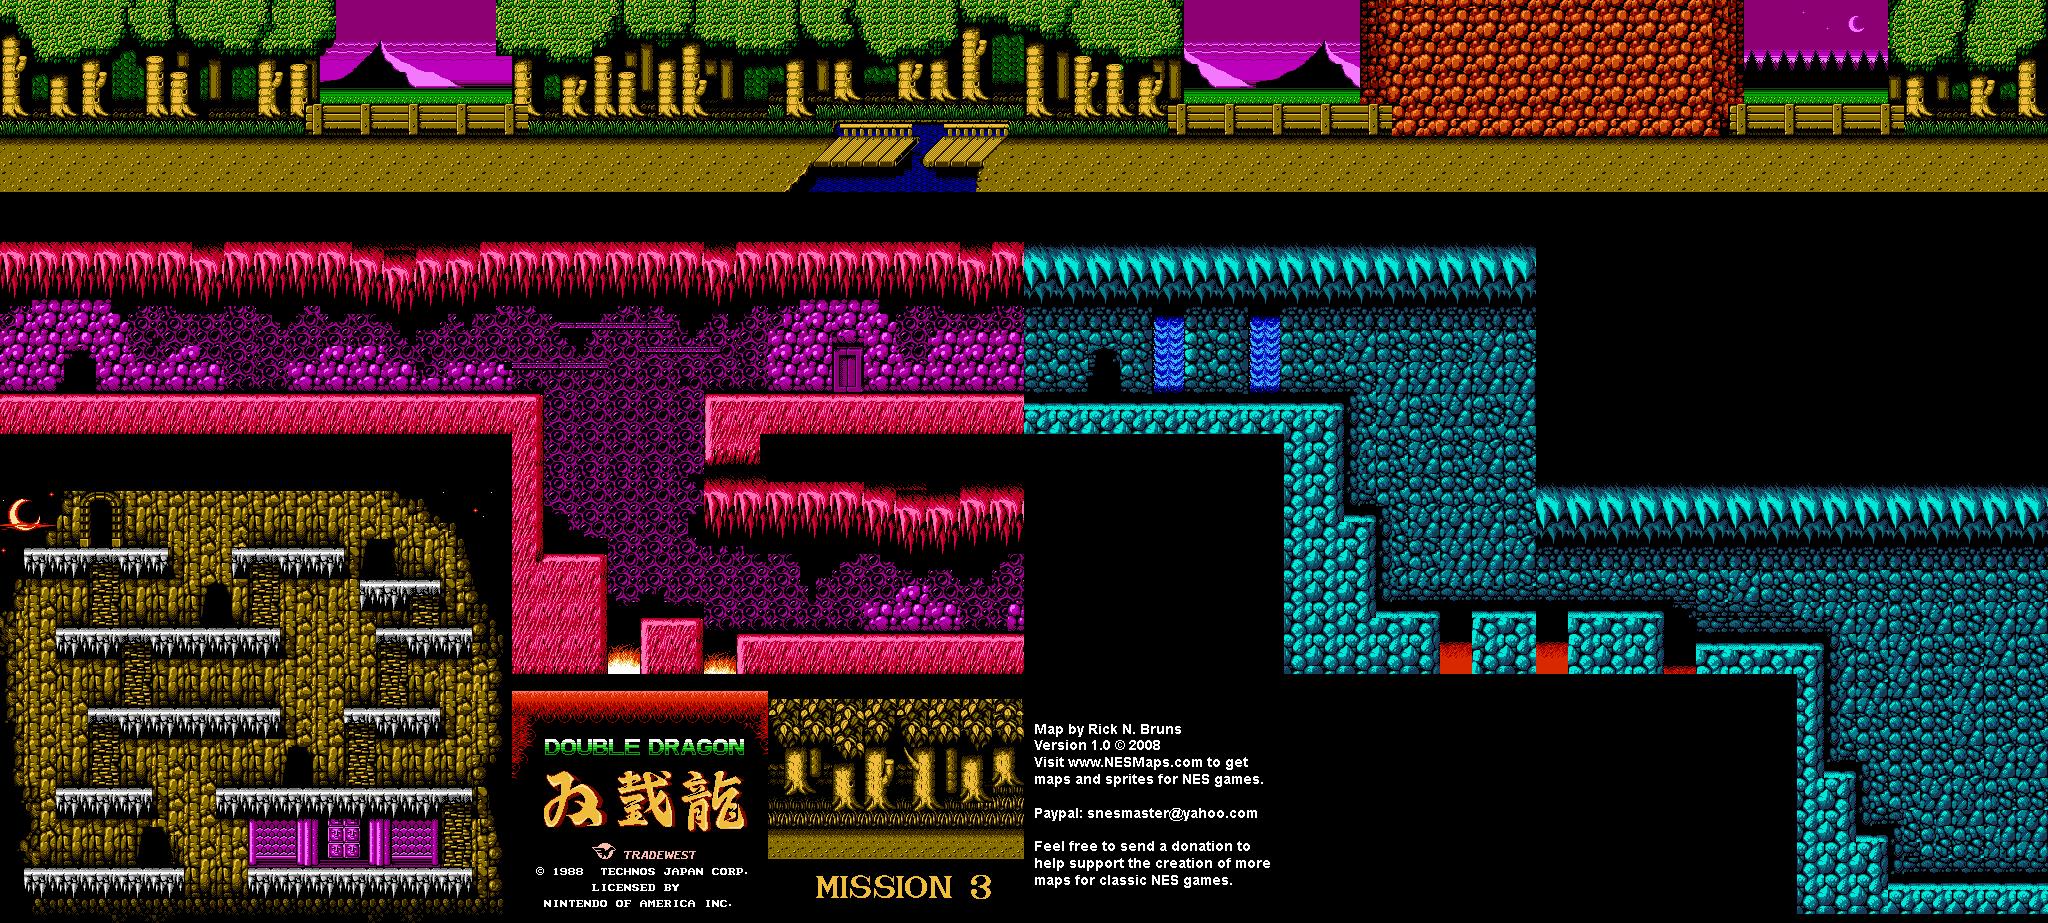 Double Dragon NES Maps